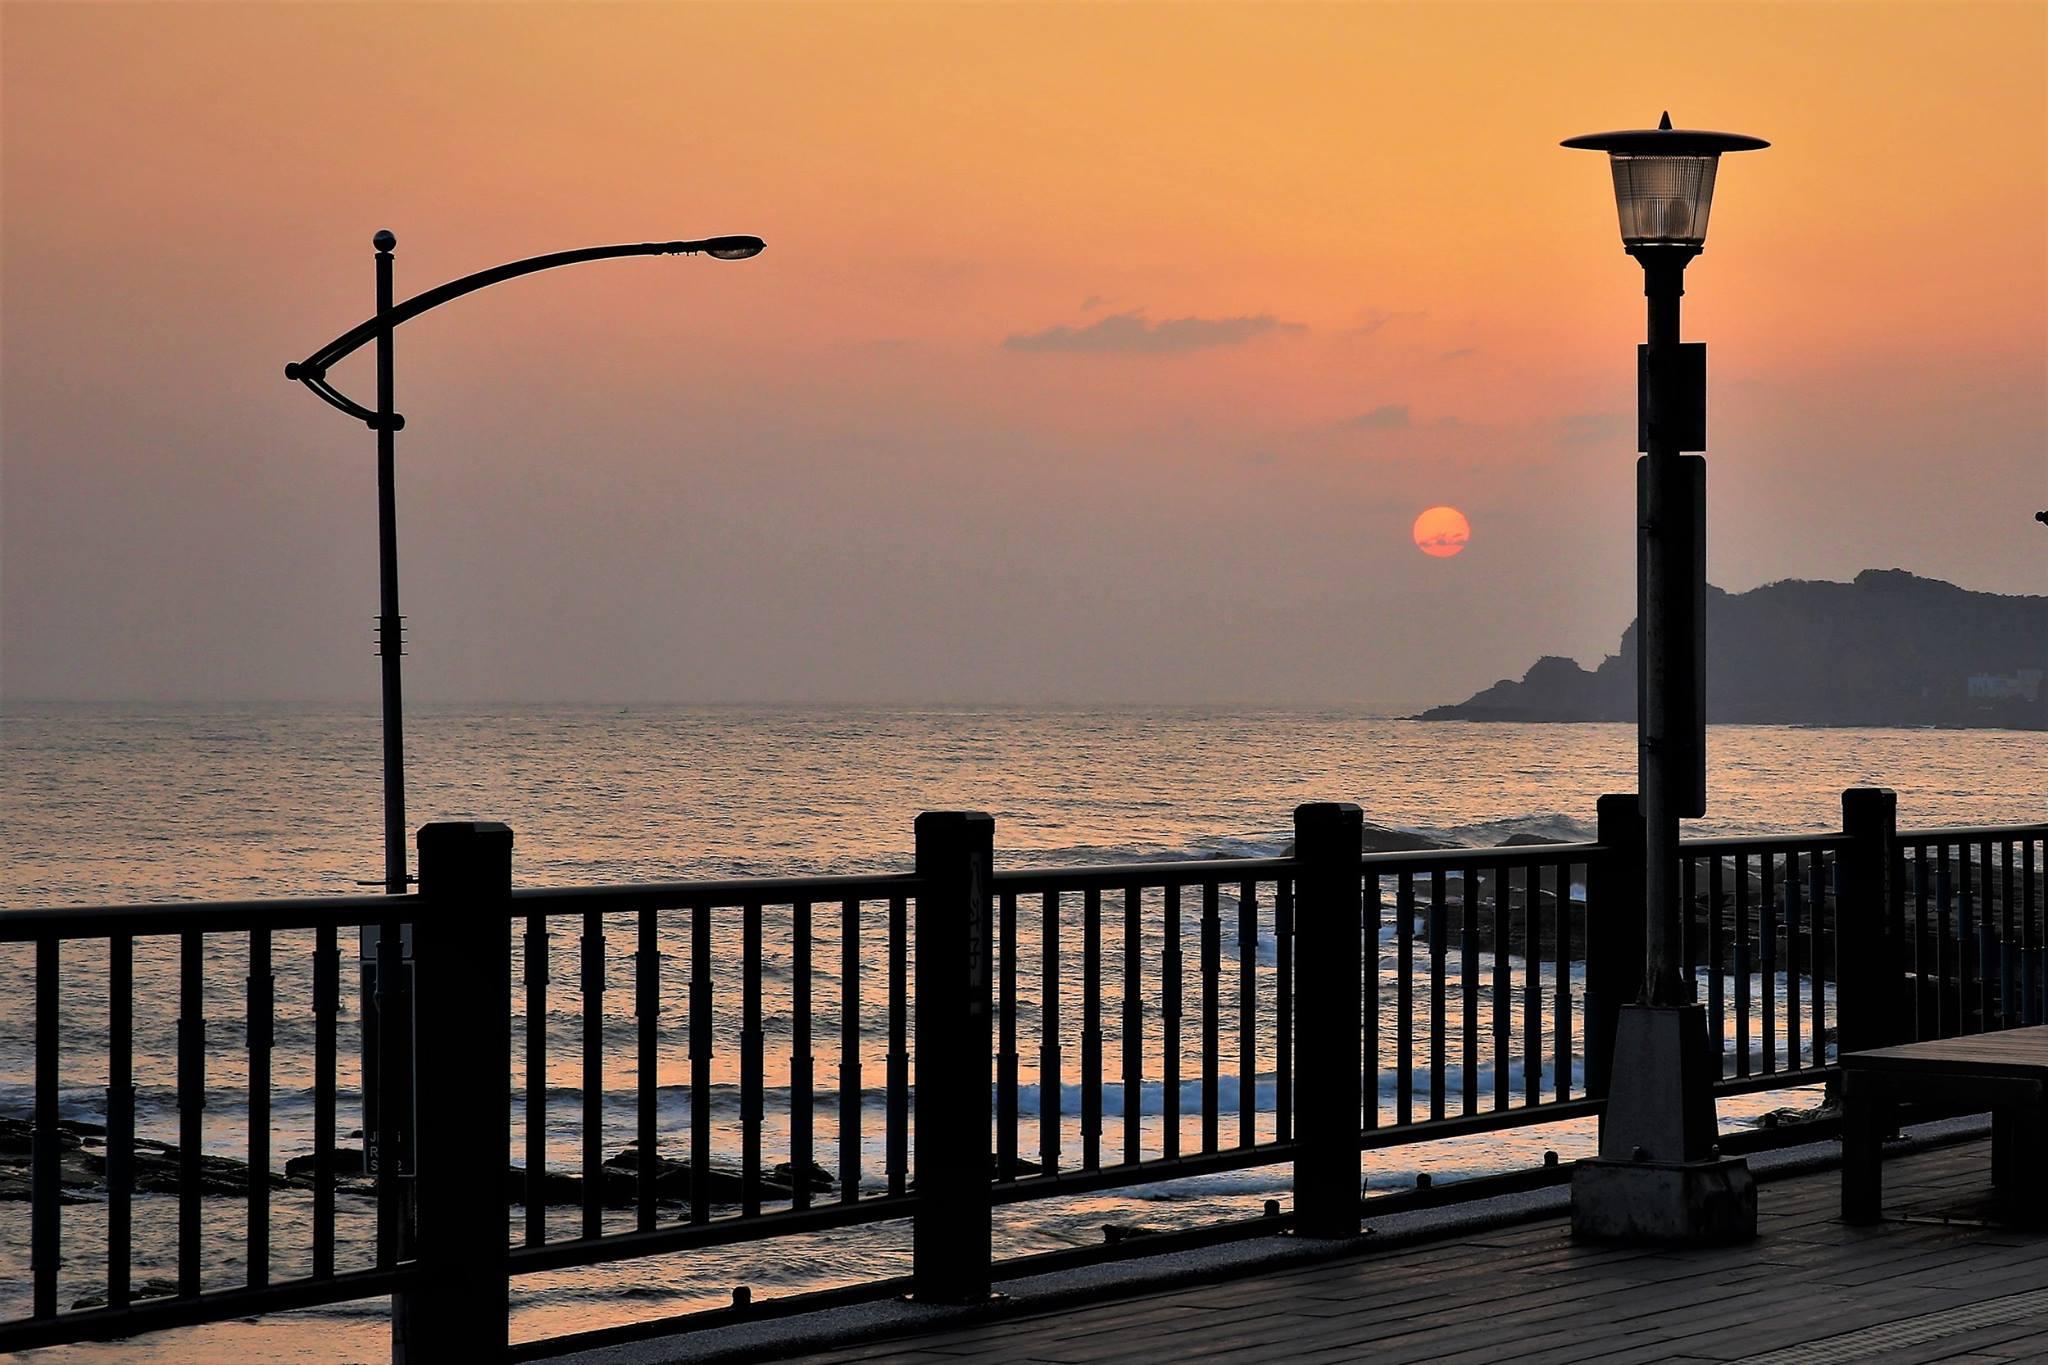 八斗子車站月台與蔚藍海洋僅相隔一條馬路的距離。圖/基隆旅遊網臉書粉絲專頁